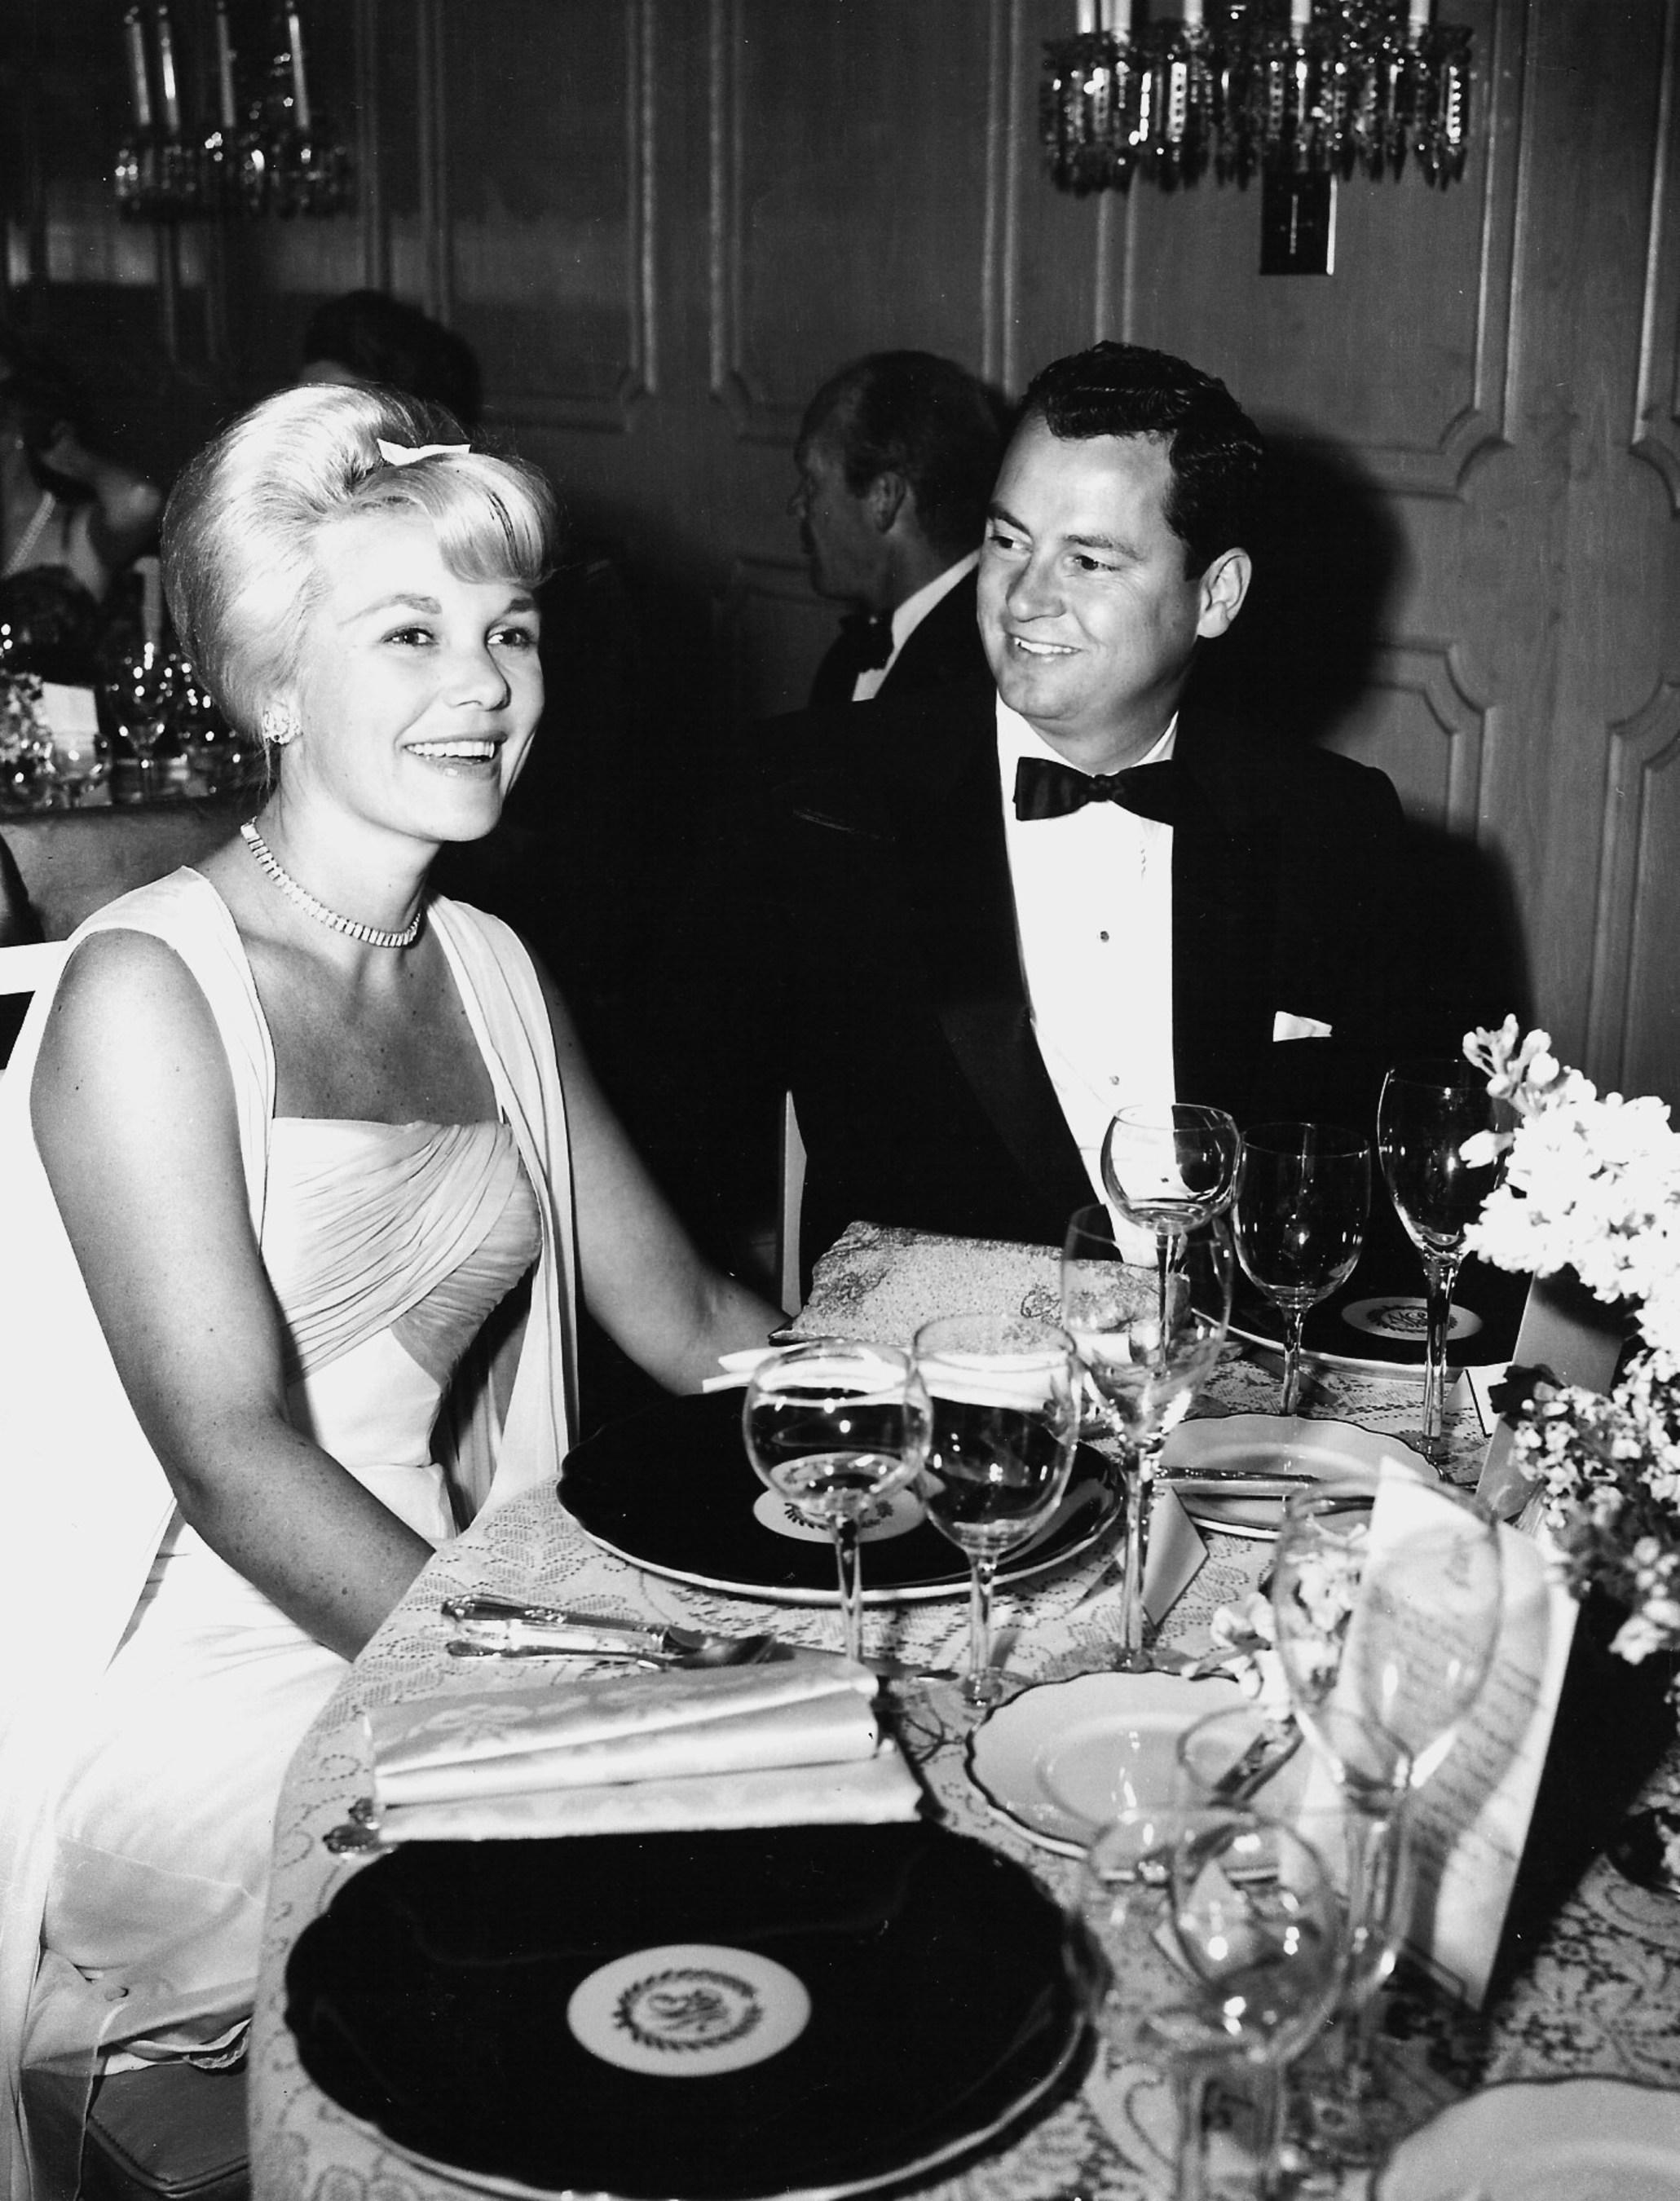 Marilyn and Barron Hilton